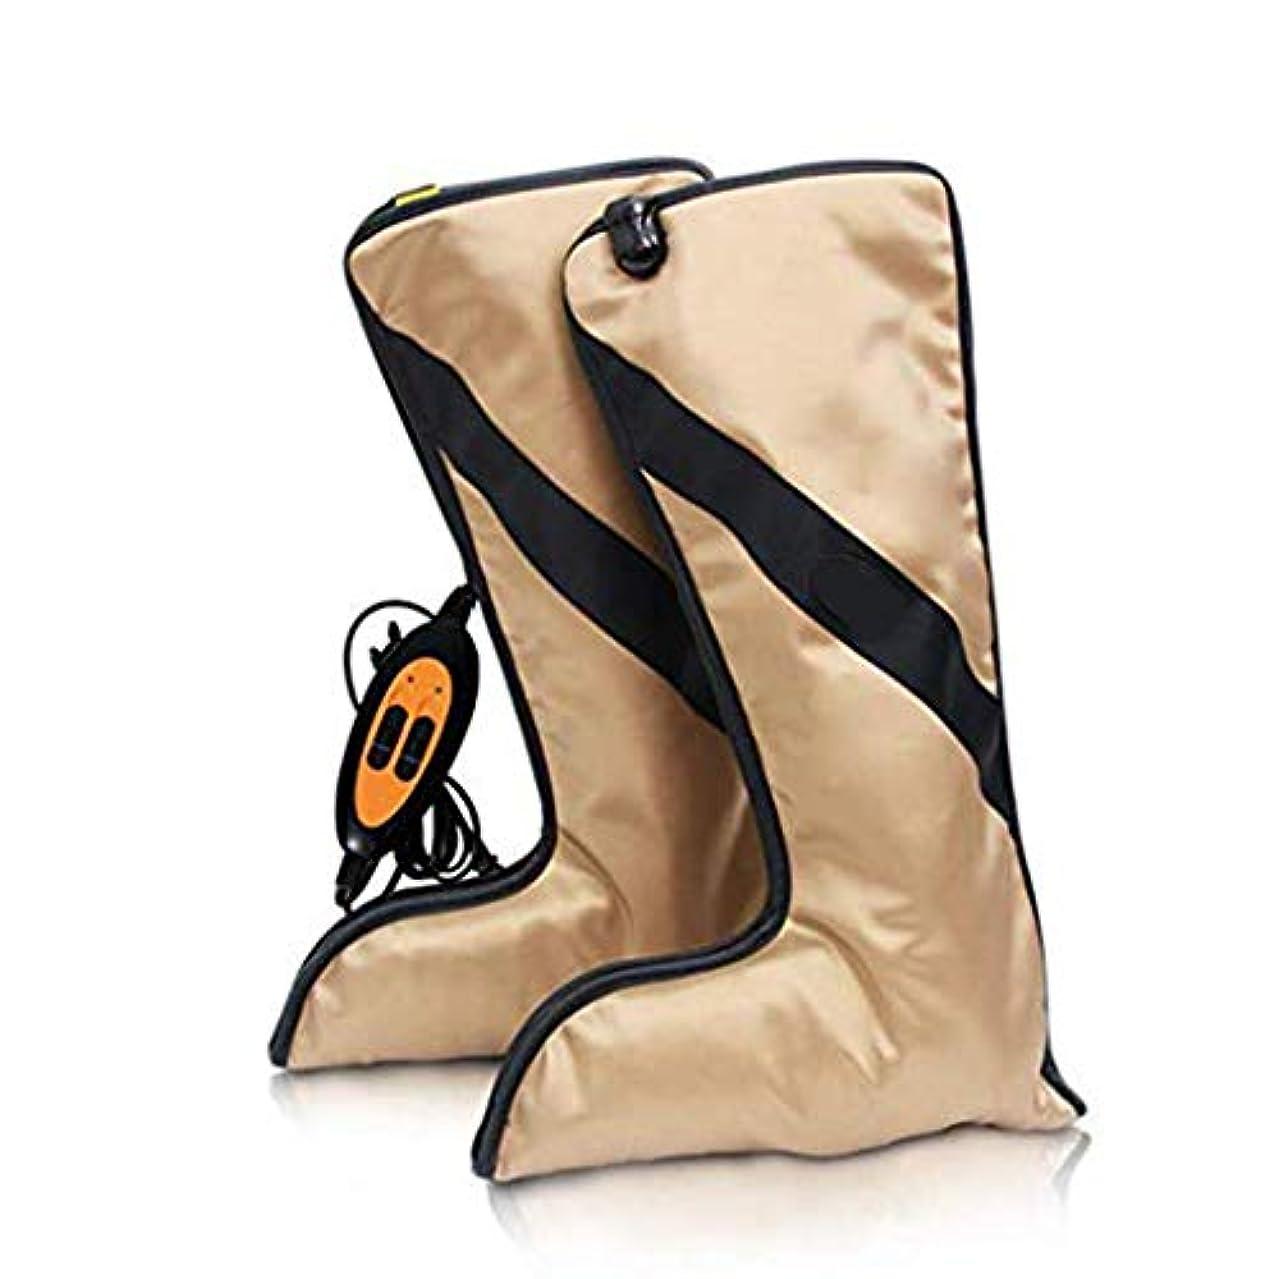 シャンプー助言毛皮足のマッサージャー、家/オフィス/旅行使用のために適した電気ふくらはぎマッサージャー3の強度レベル